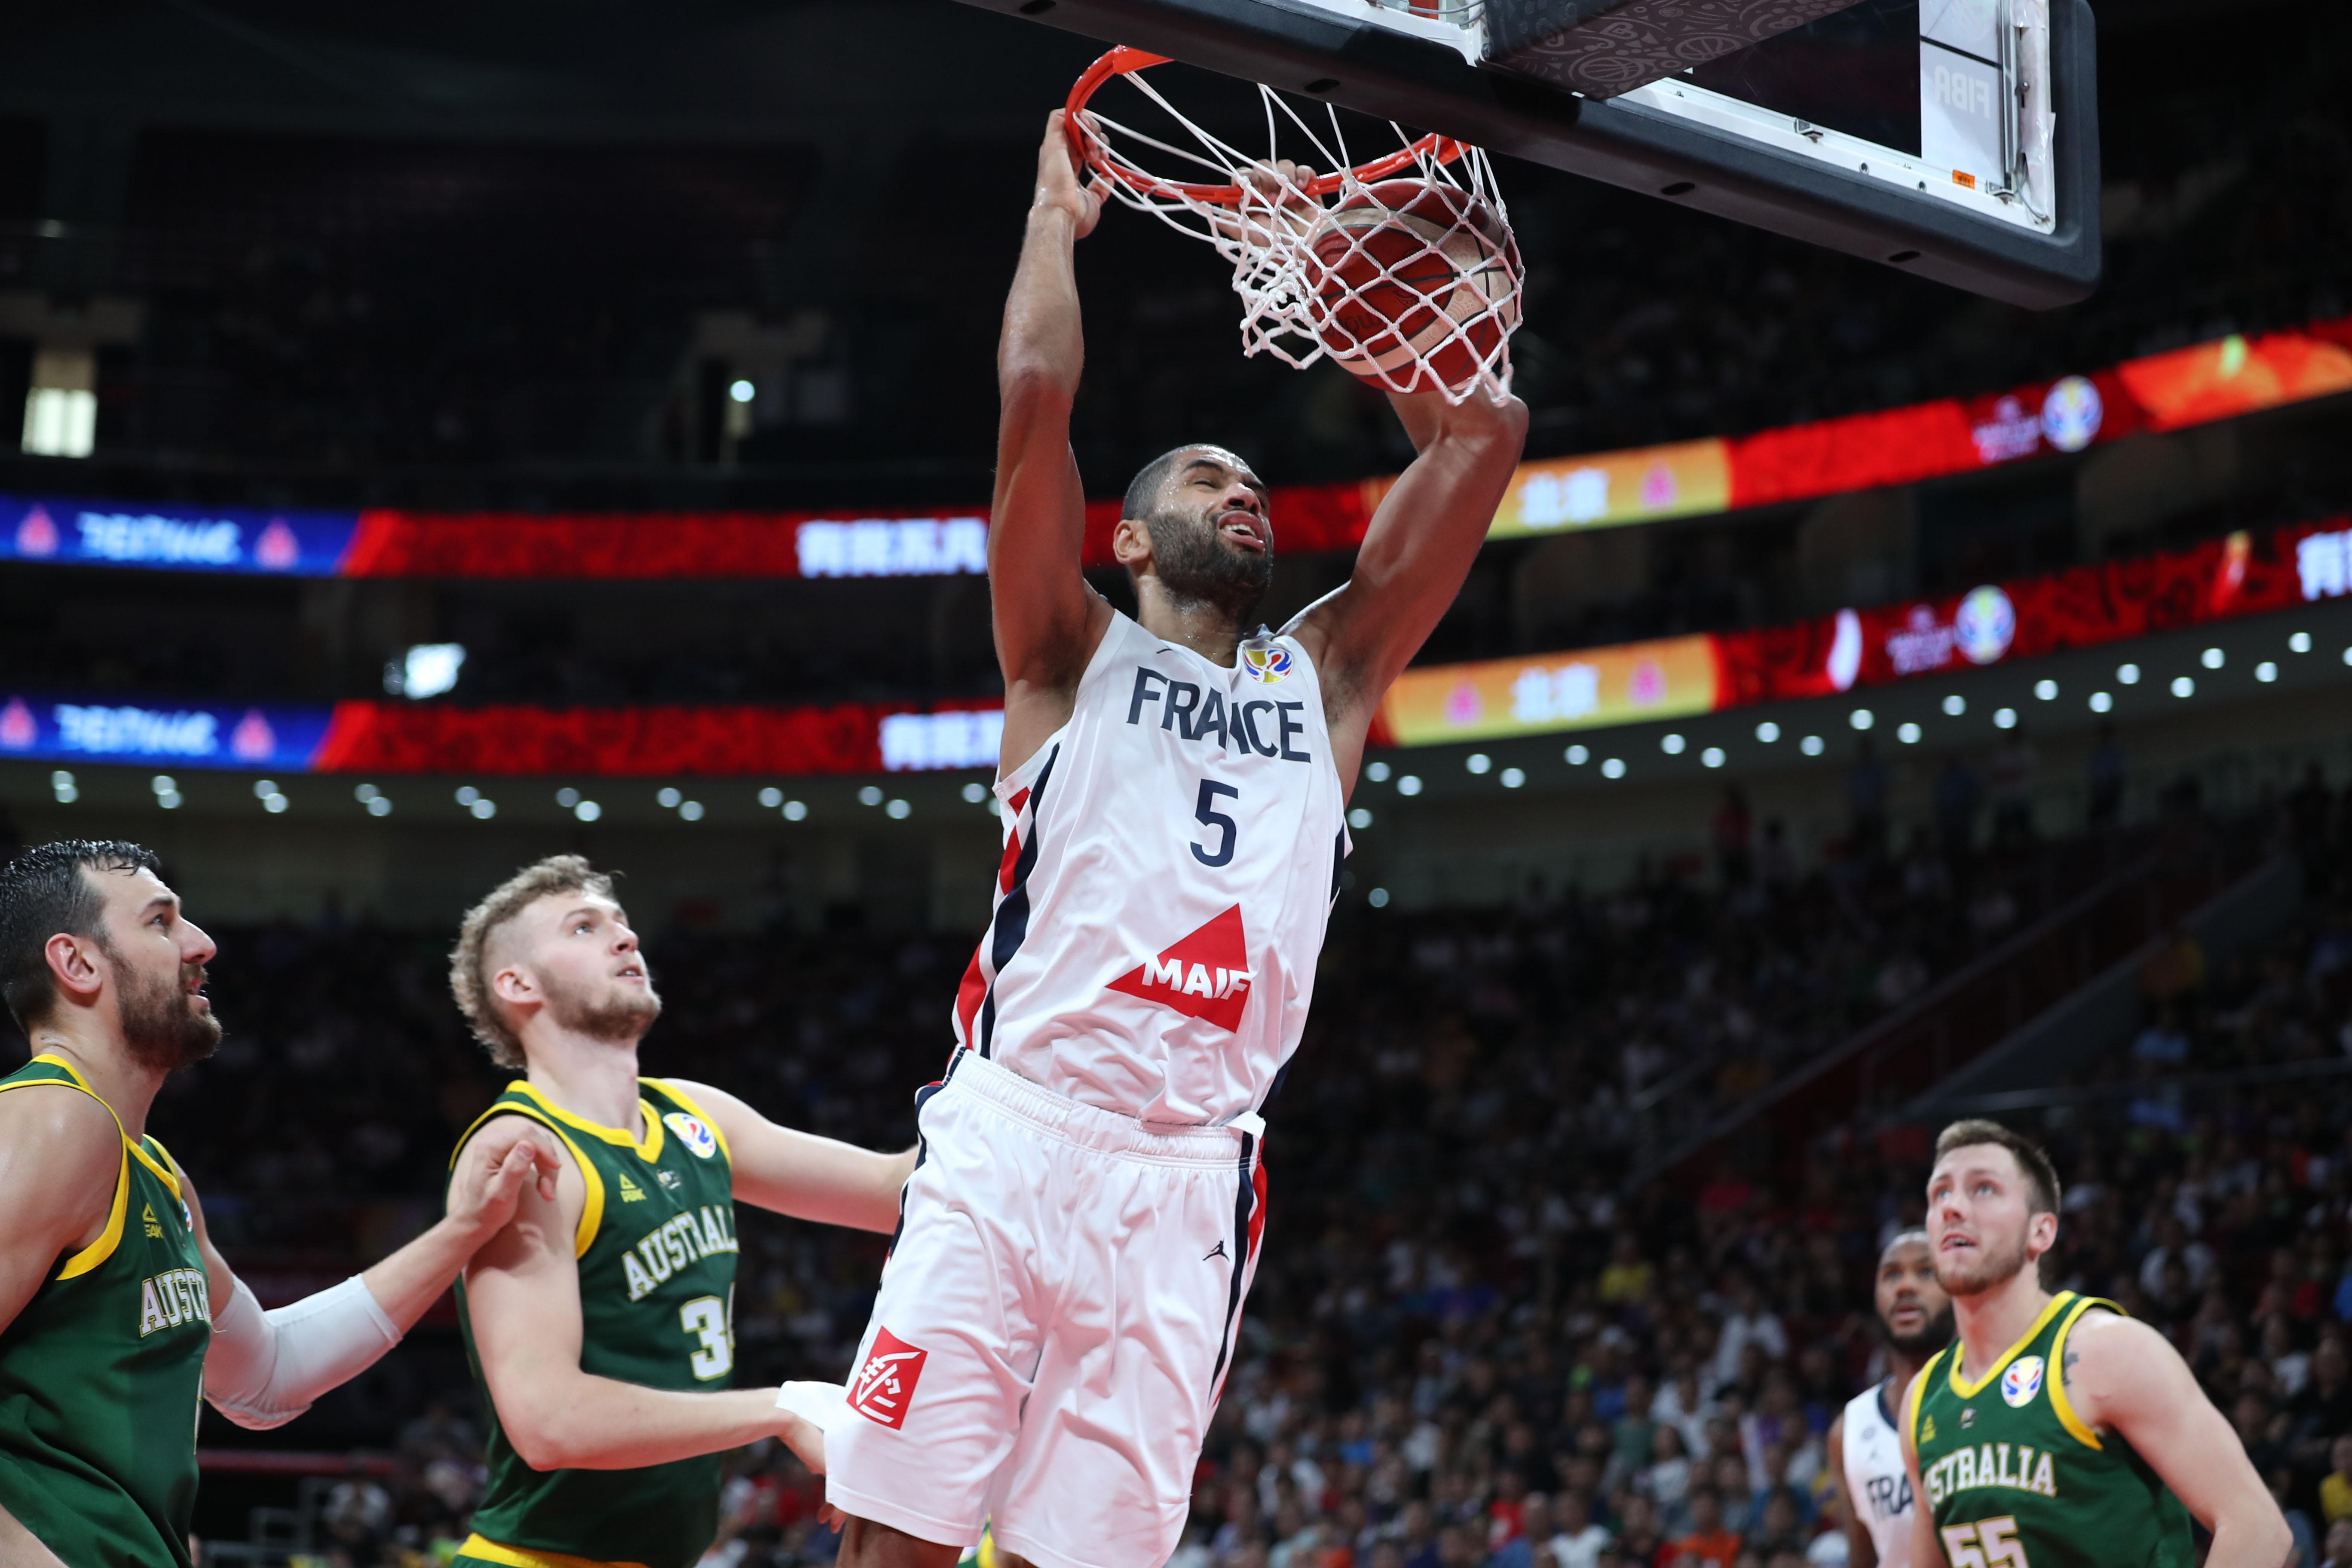 Basket - Equipe de France - Coupe du monde : Le résumé d'Australie-France, le match du bronze pour les Bleus